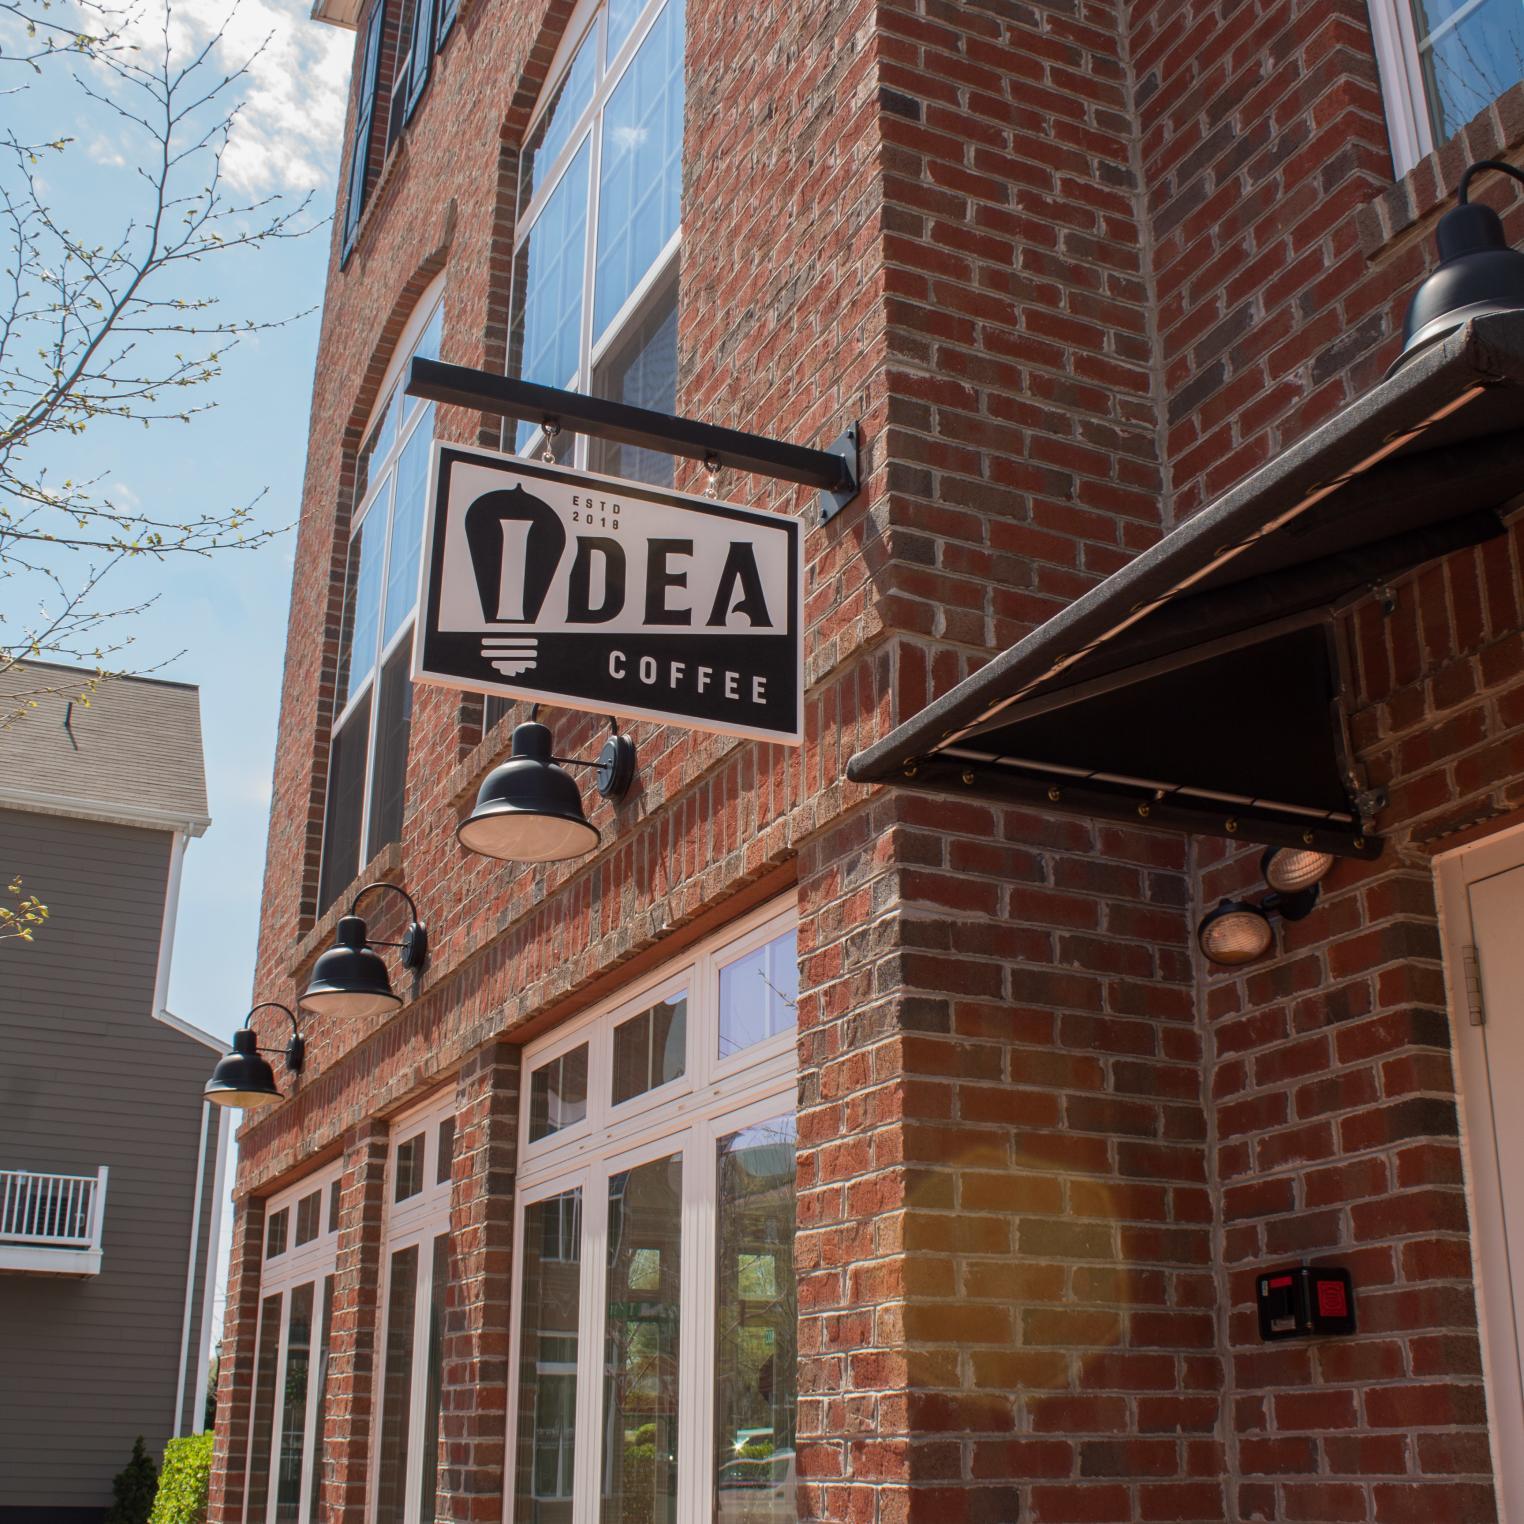 IDEA Coffee